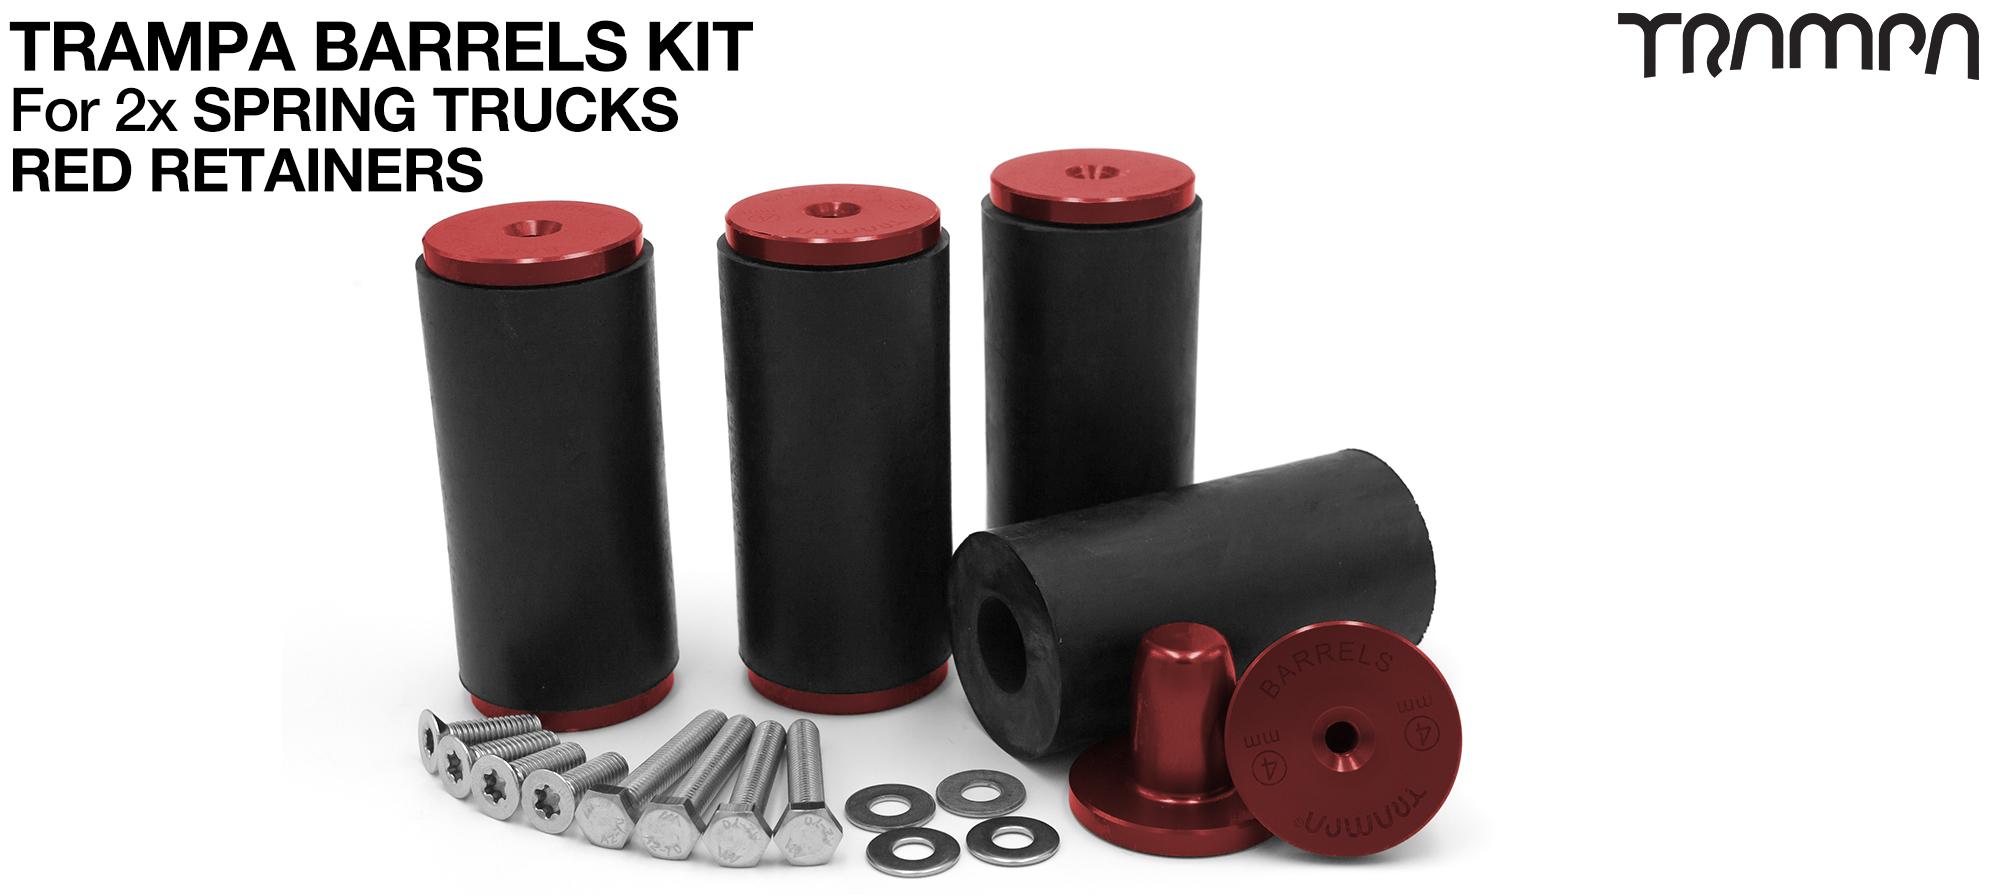 TRAMPA BARRELS Complete DECK Kit - RED